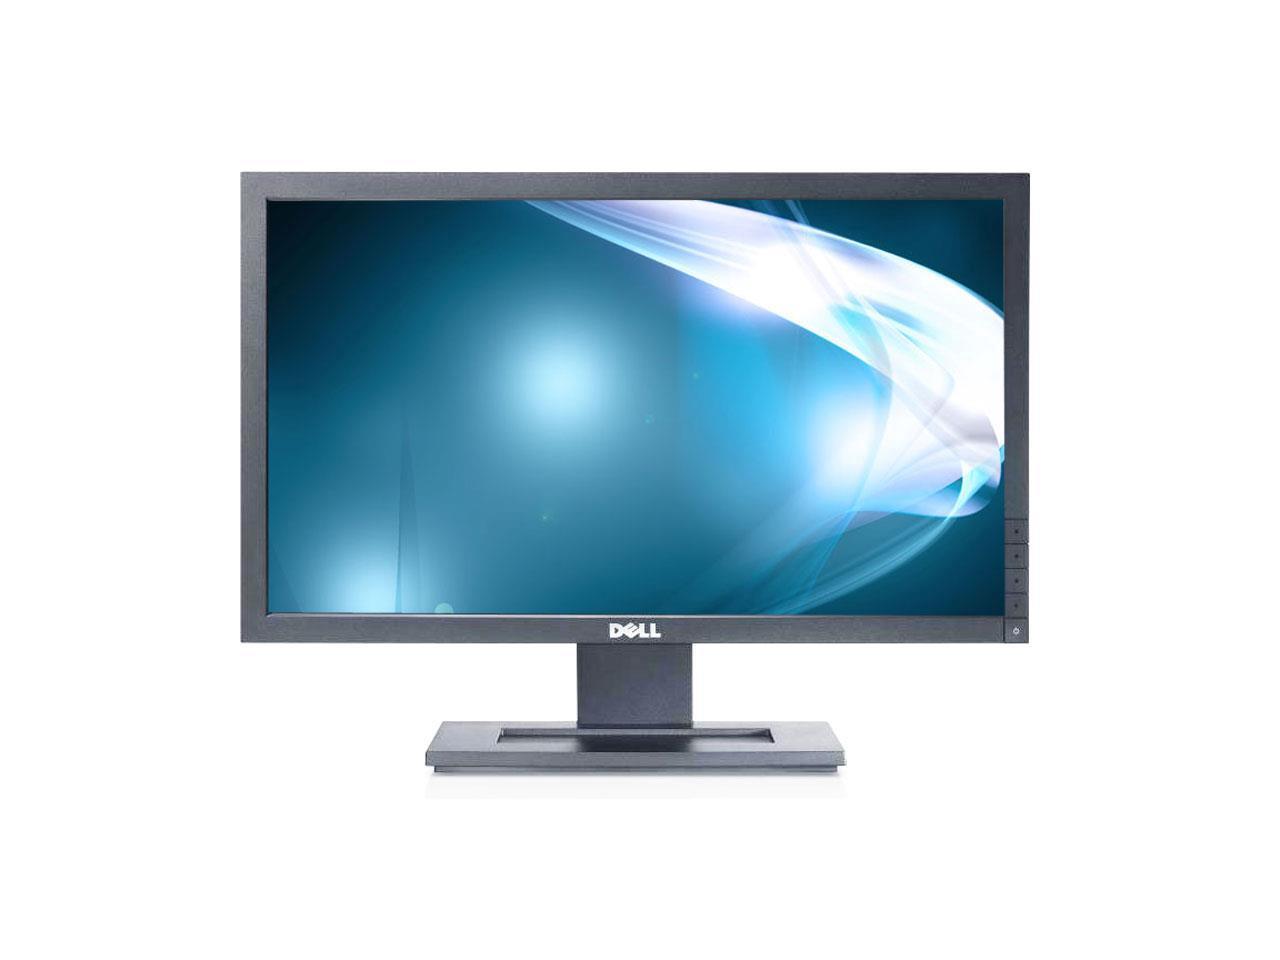 """Монитор 20"""" DELL E2011Ht LED/LCD 16:9"""